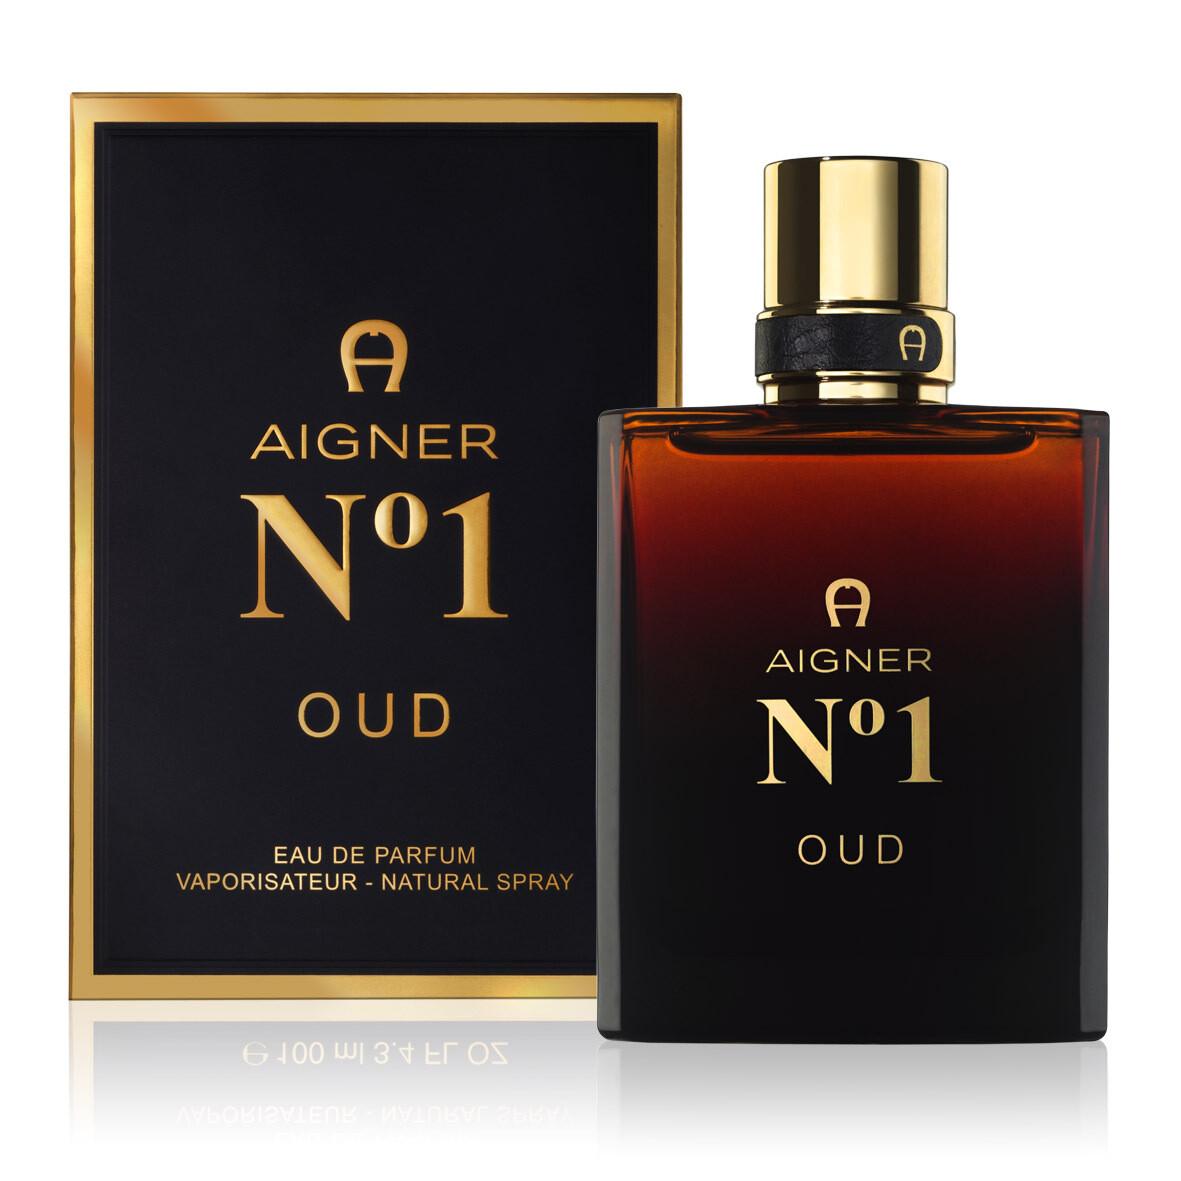 Aigner Nº1 Oud Eau de Parfum 100ml